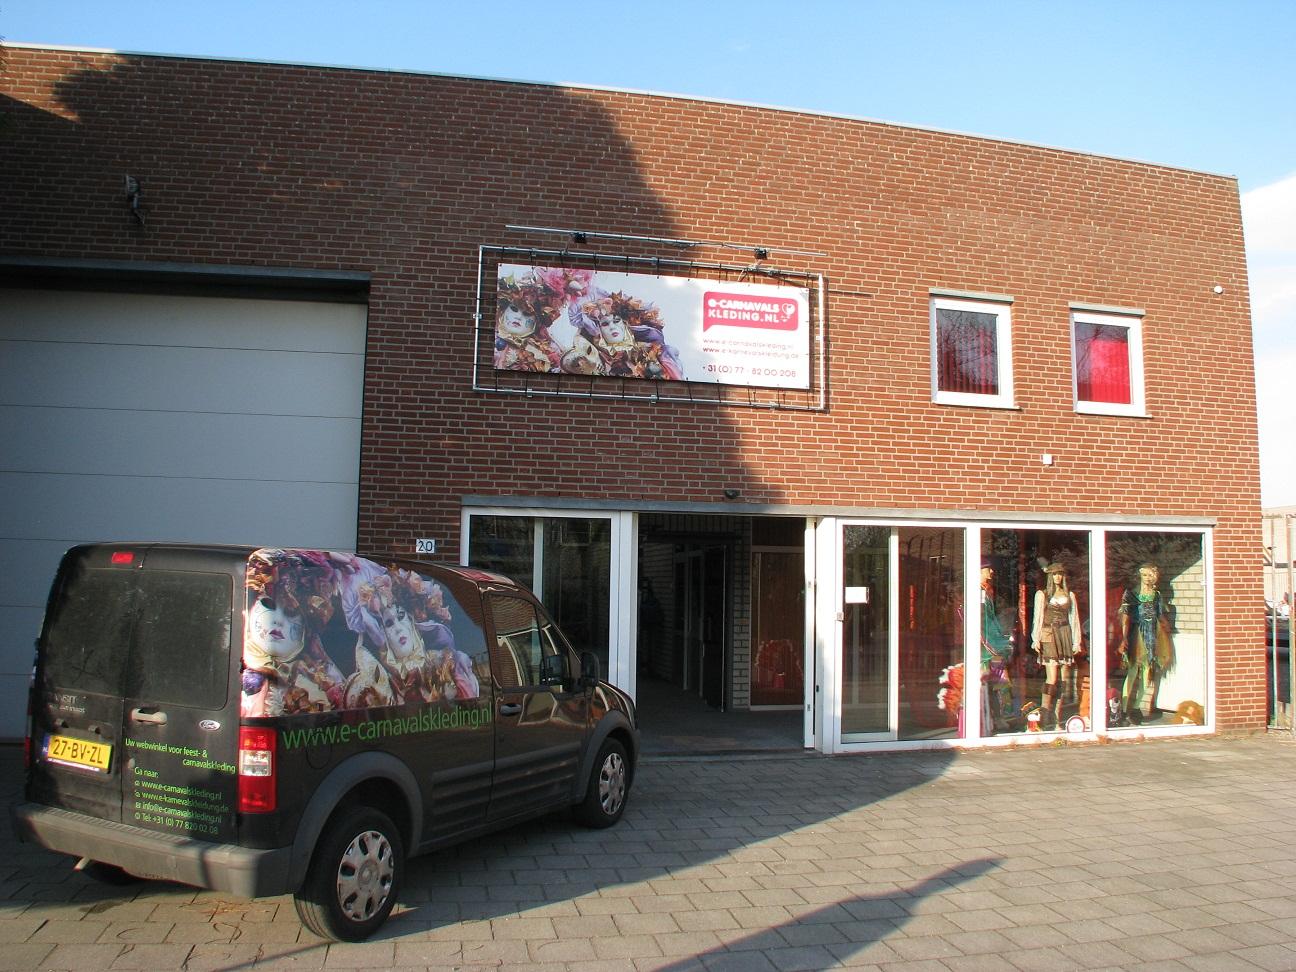 Feestwinkel Bema Shopping